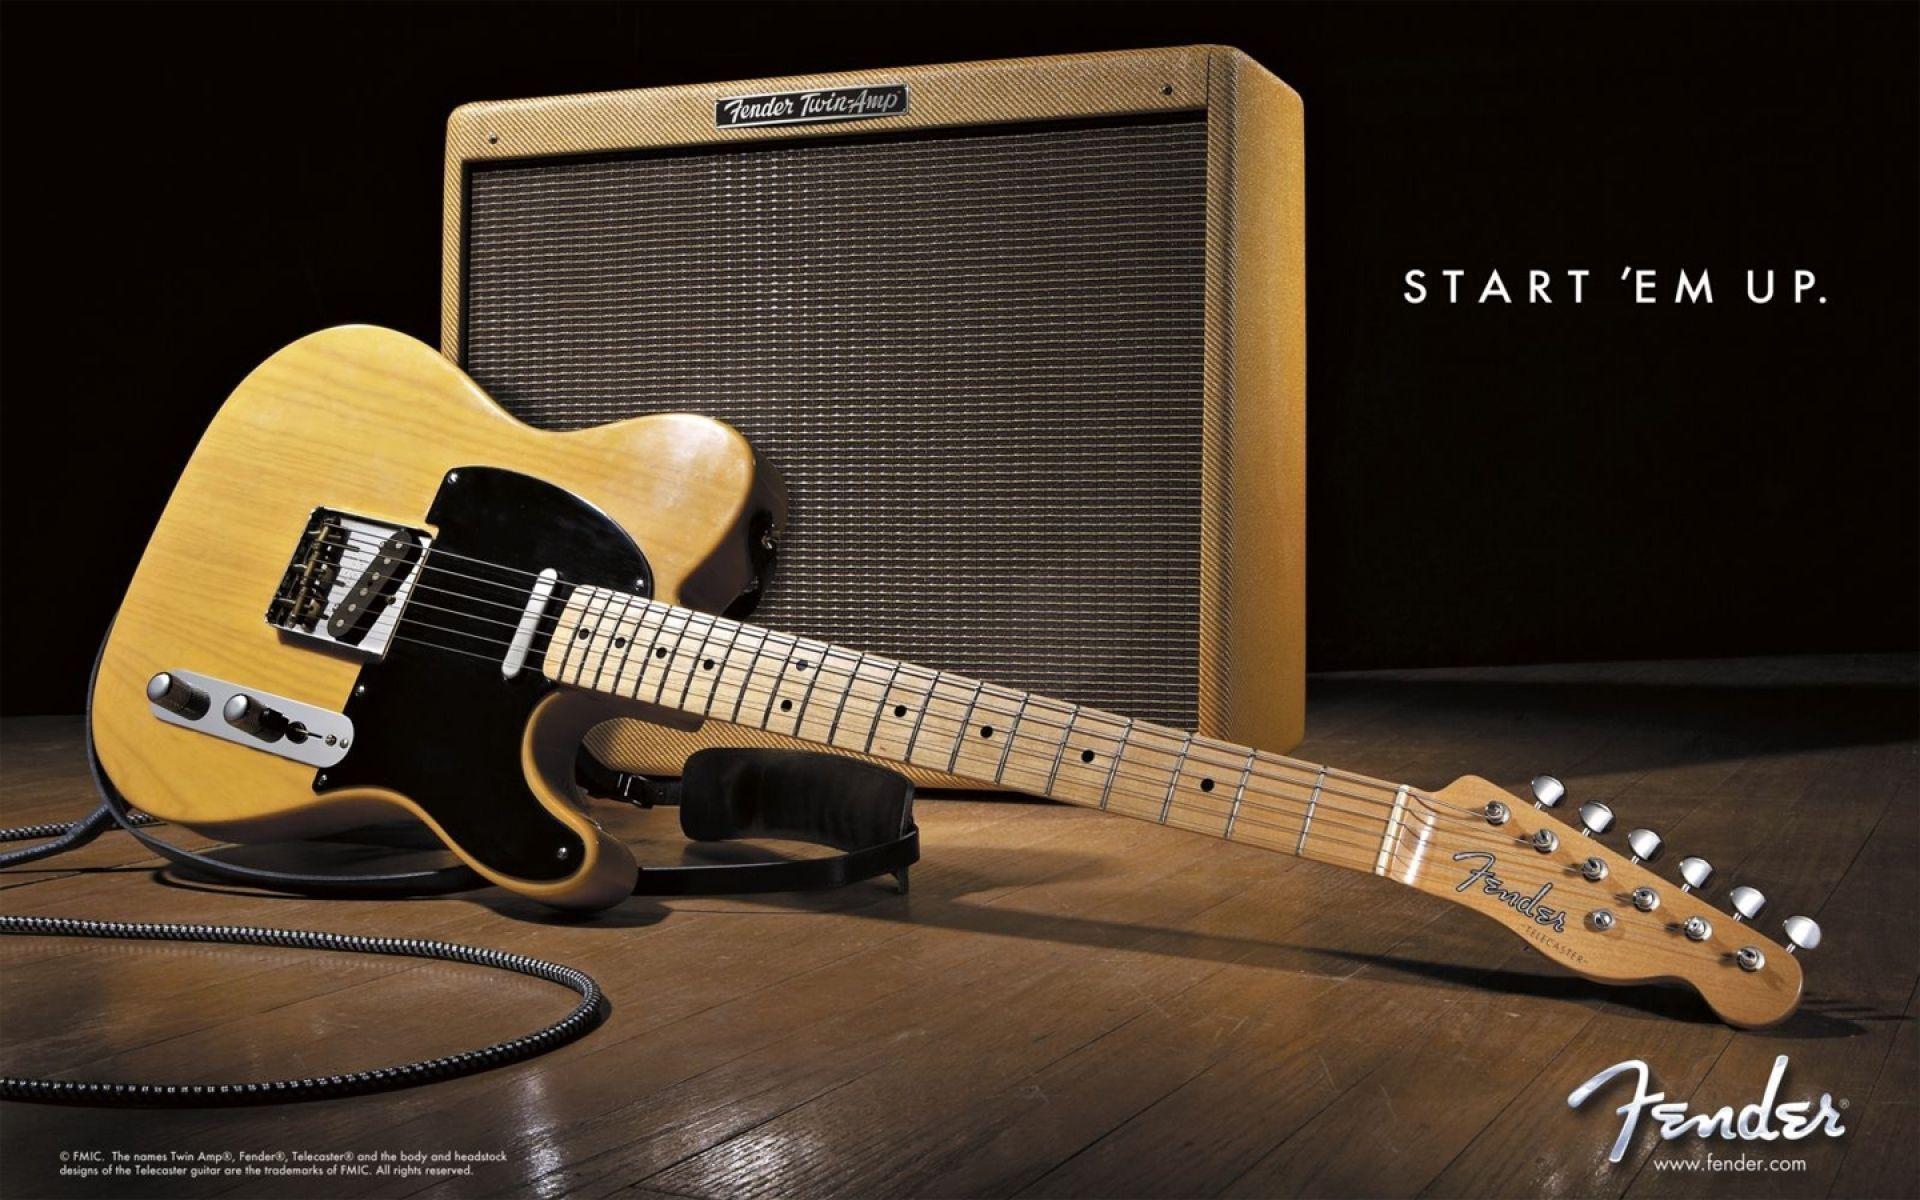 Fender Jazz Bass Head Music Wallpaper HD Free #7431 Wallpaper .